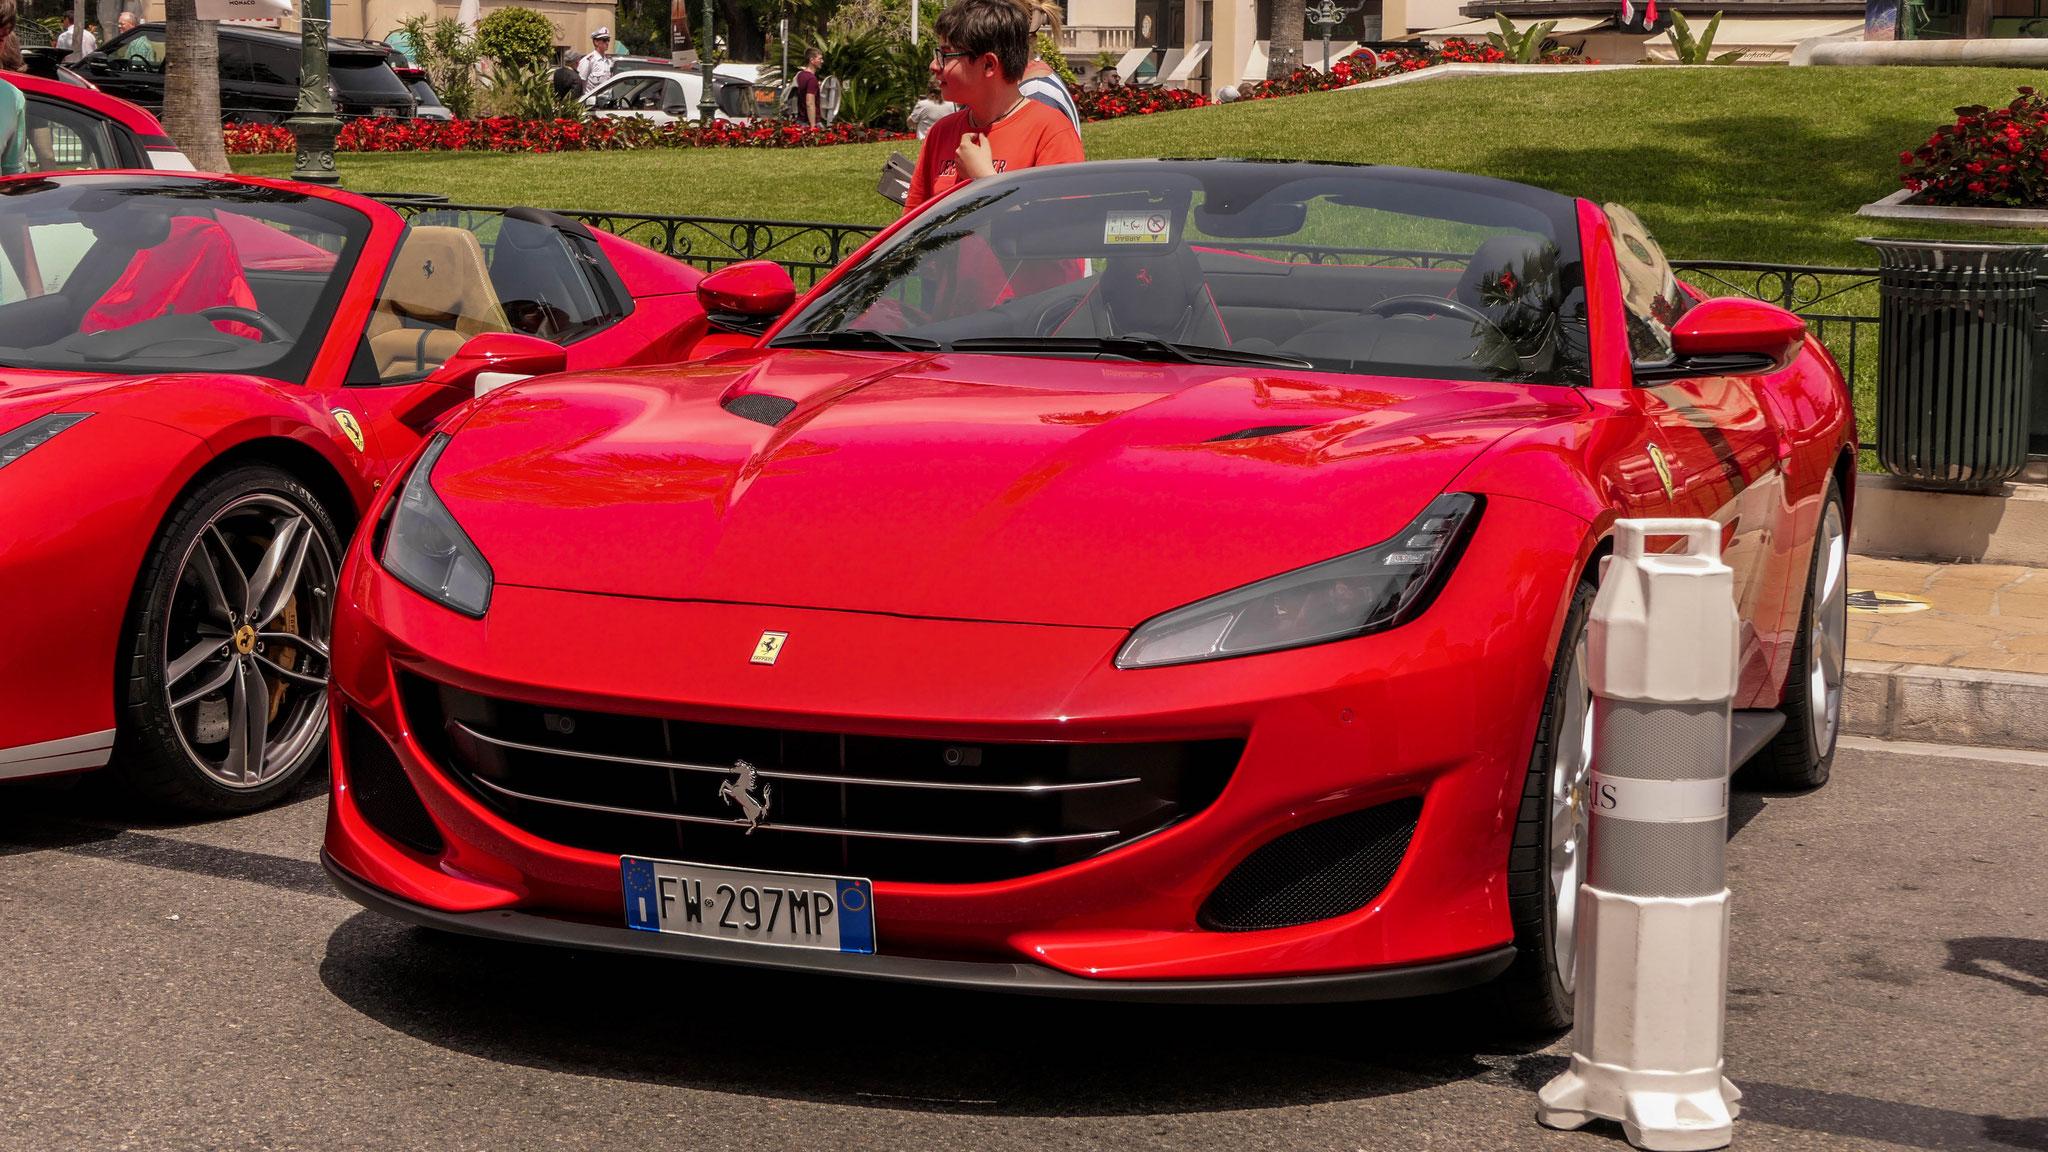 Ferrari Portofino - FW-297-MP (ITA)